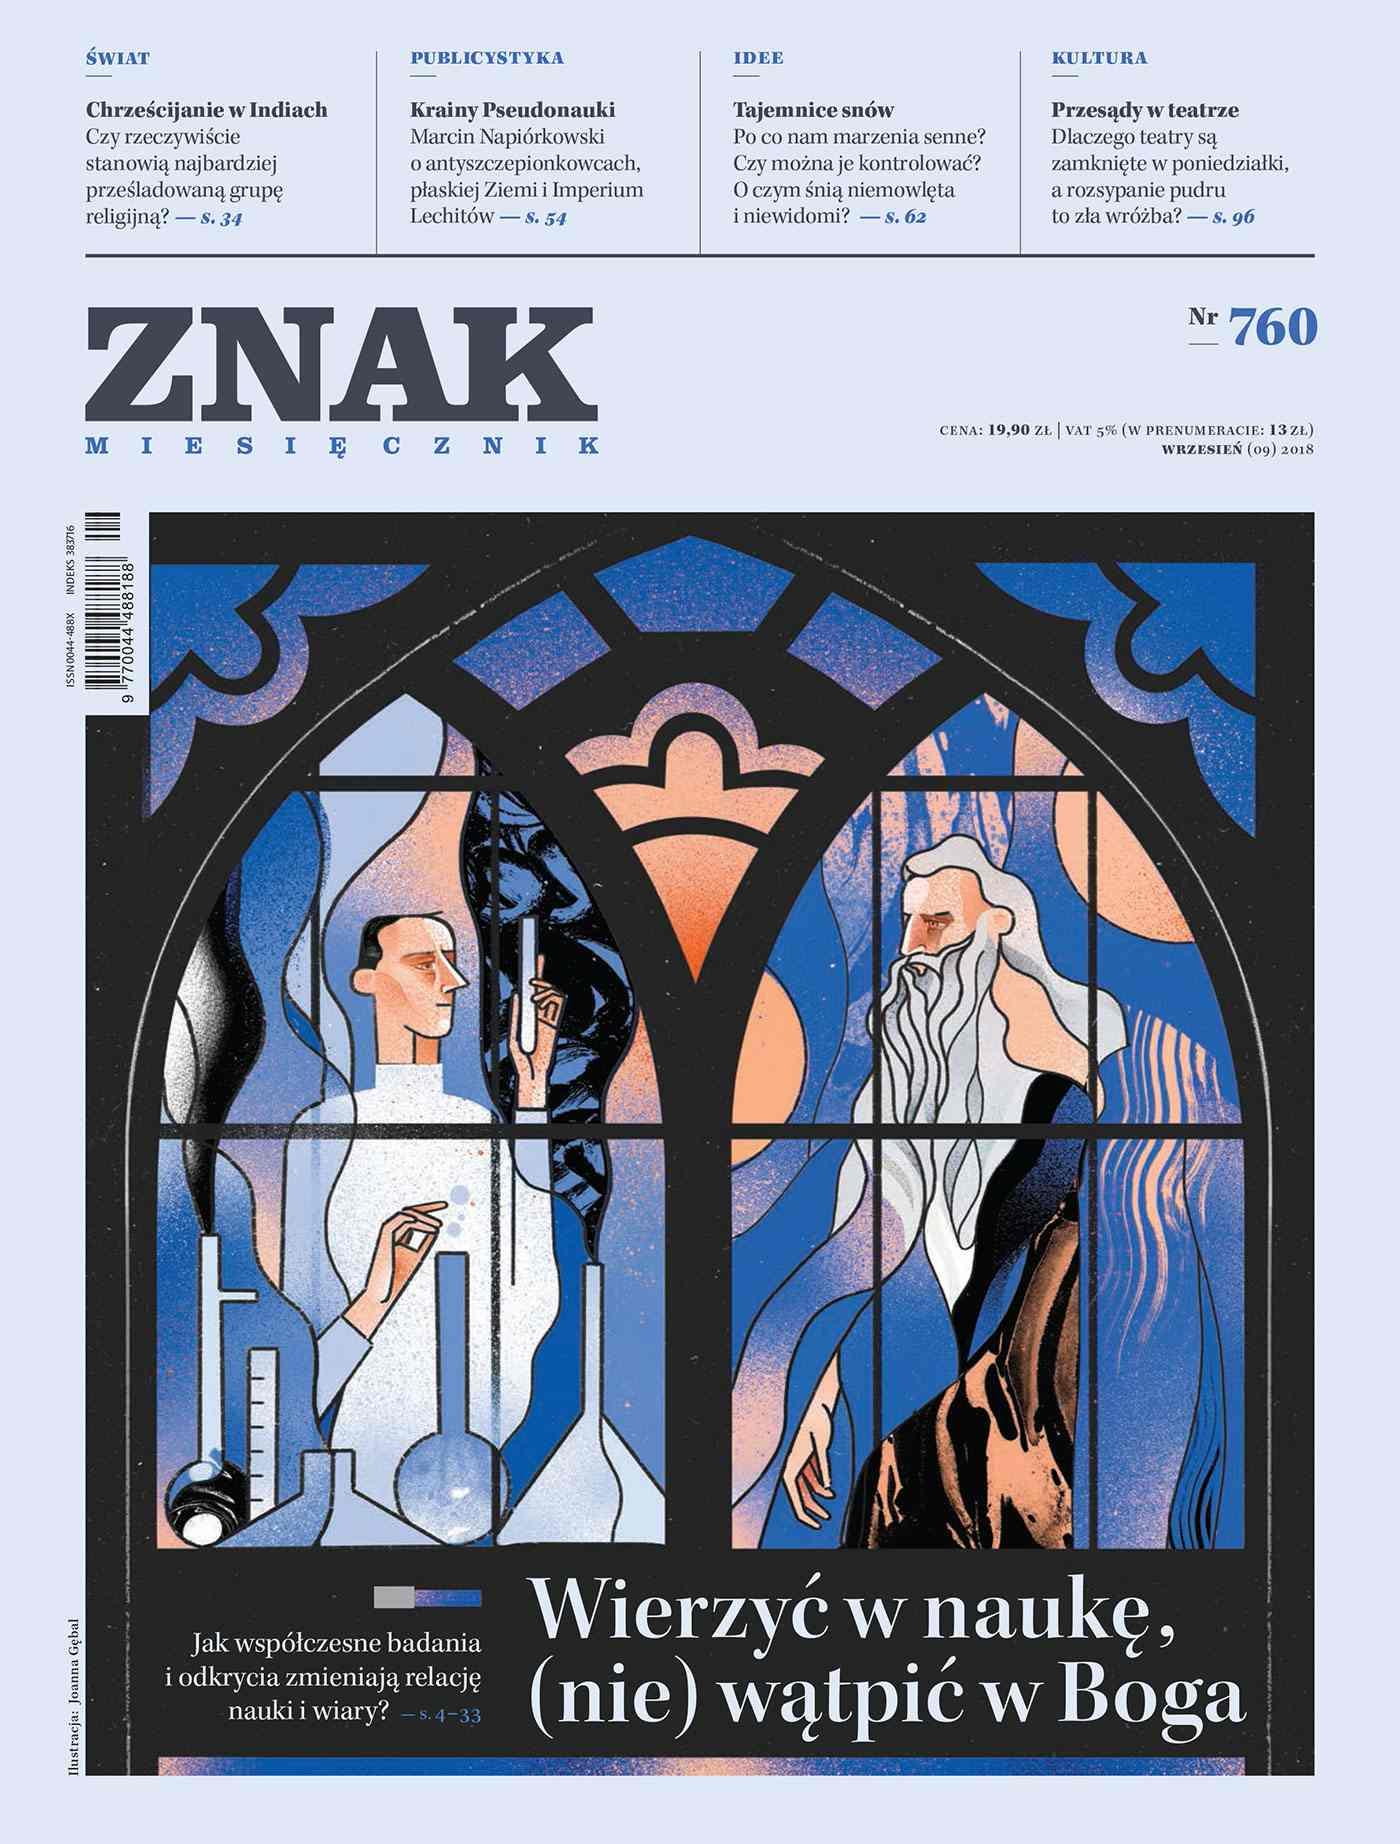 Miesięcznik ZNAK nr 760: Wierzyć w naukę, (nie) wątpić w Boga - Ebook (Książka PDF) do pobrania w formacie PDF